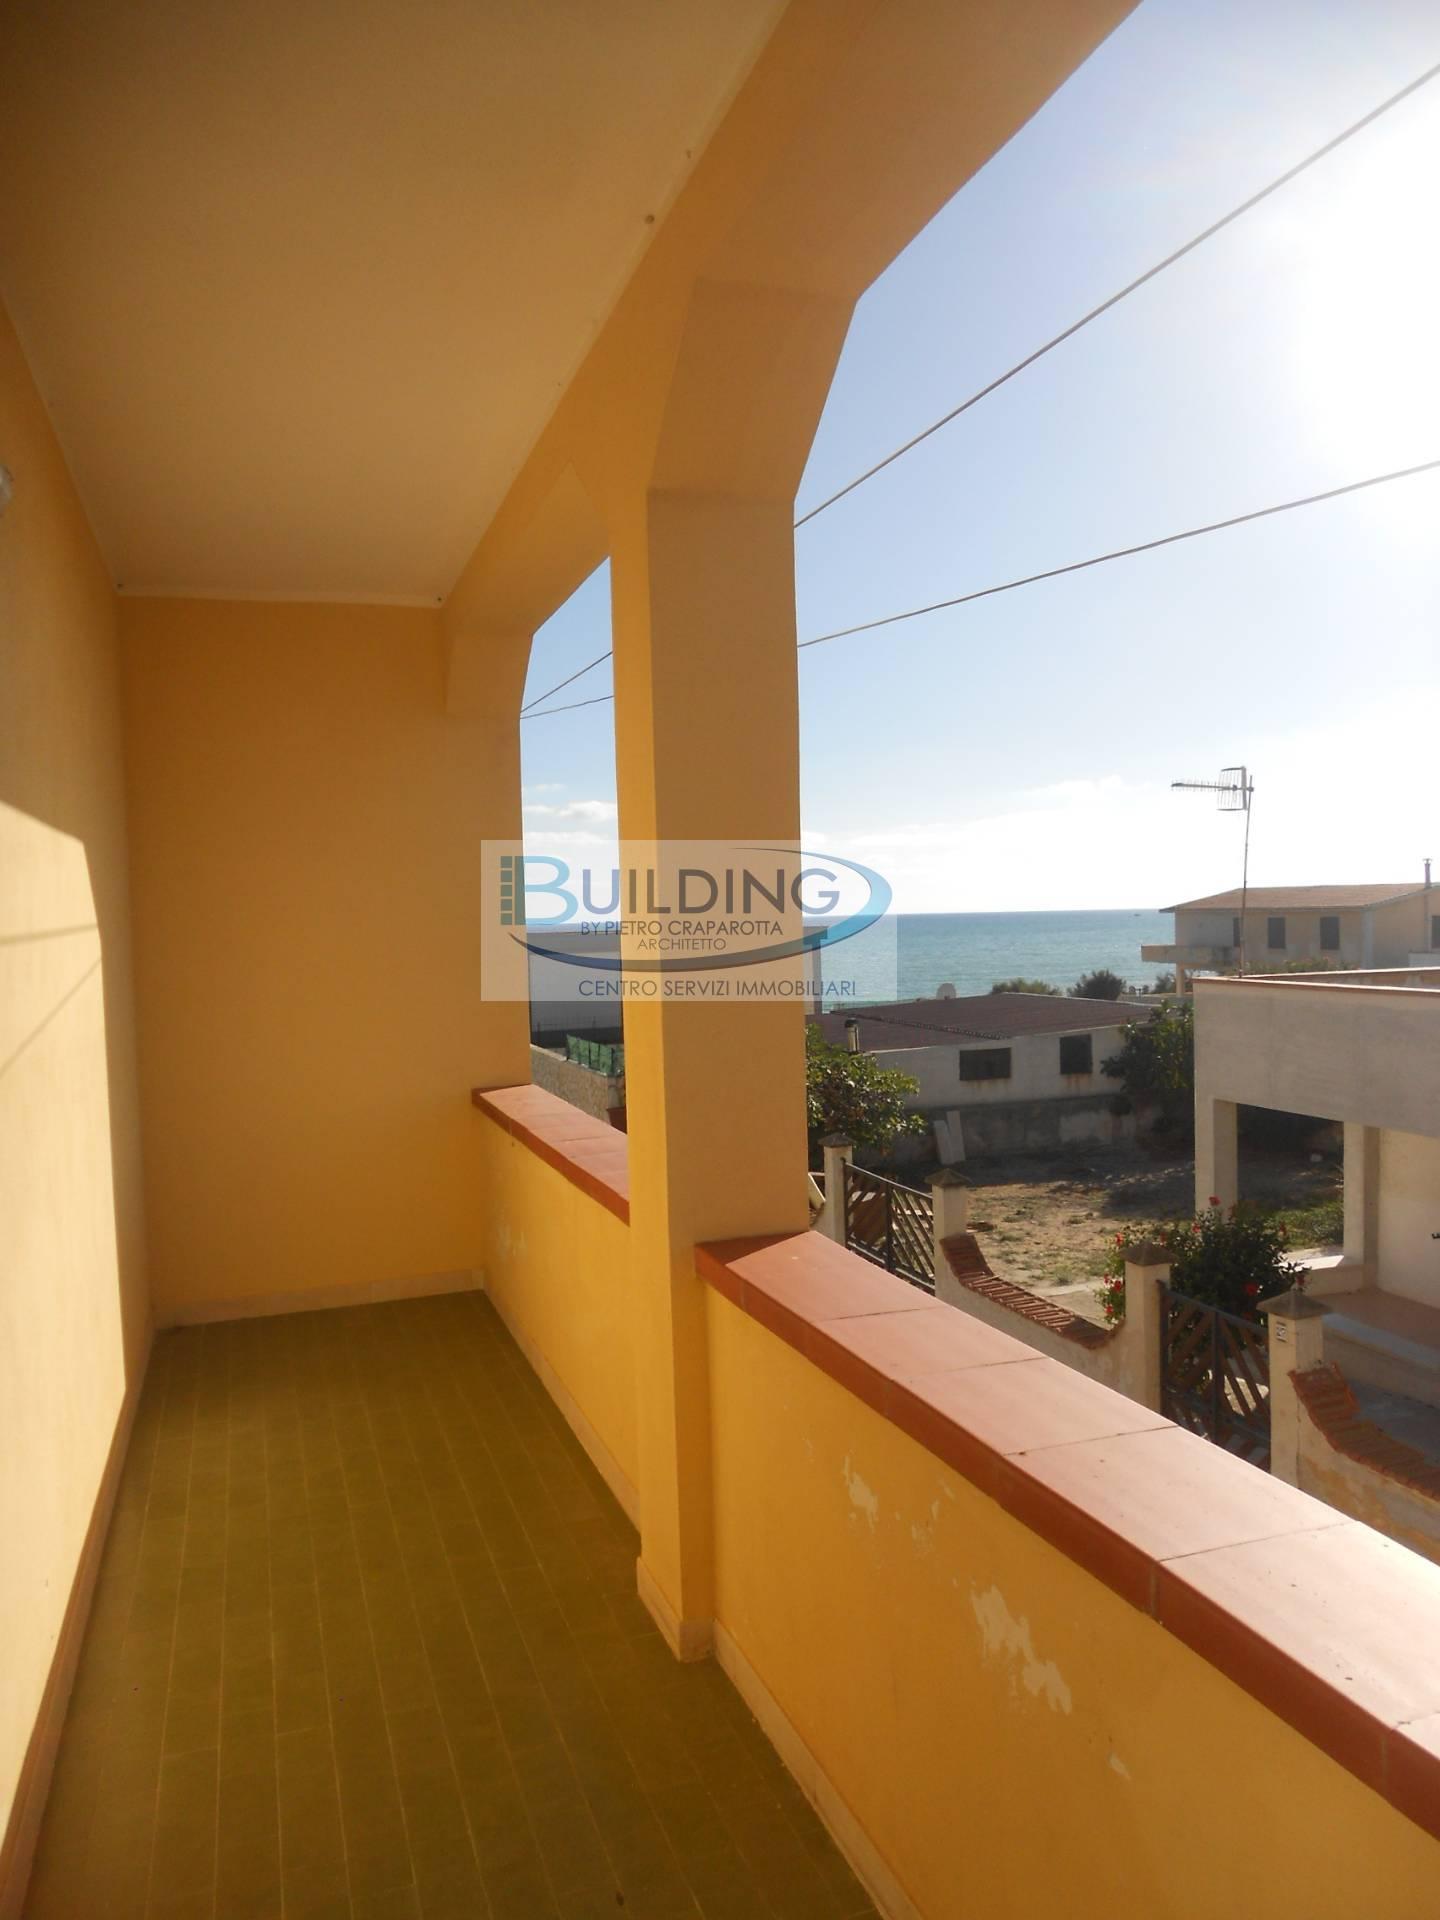 Appartamento in vendita a Castelvetrano, 5 locali, zona Località: TriscinadiManicalunga, prezzo € 42.000 | PortaleAgenzieImmobiliari.it